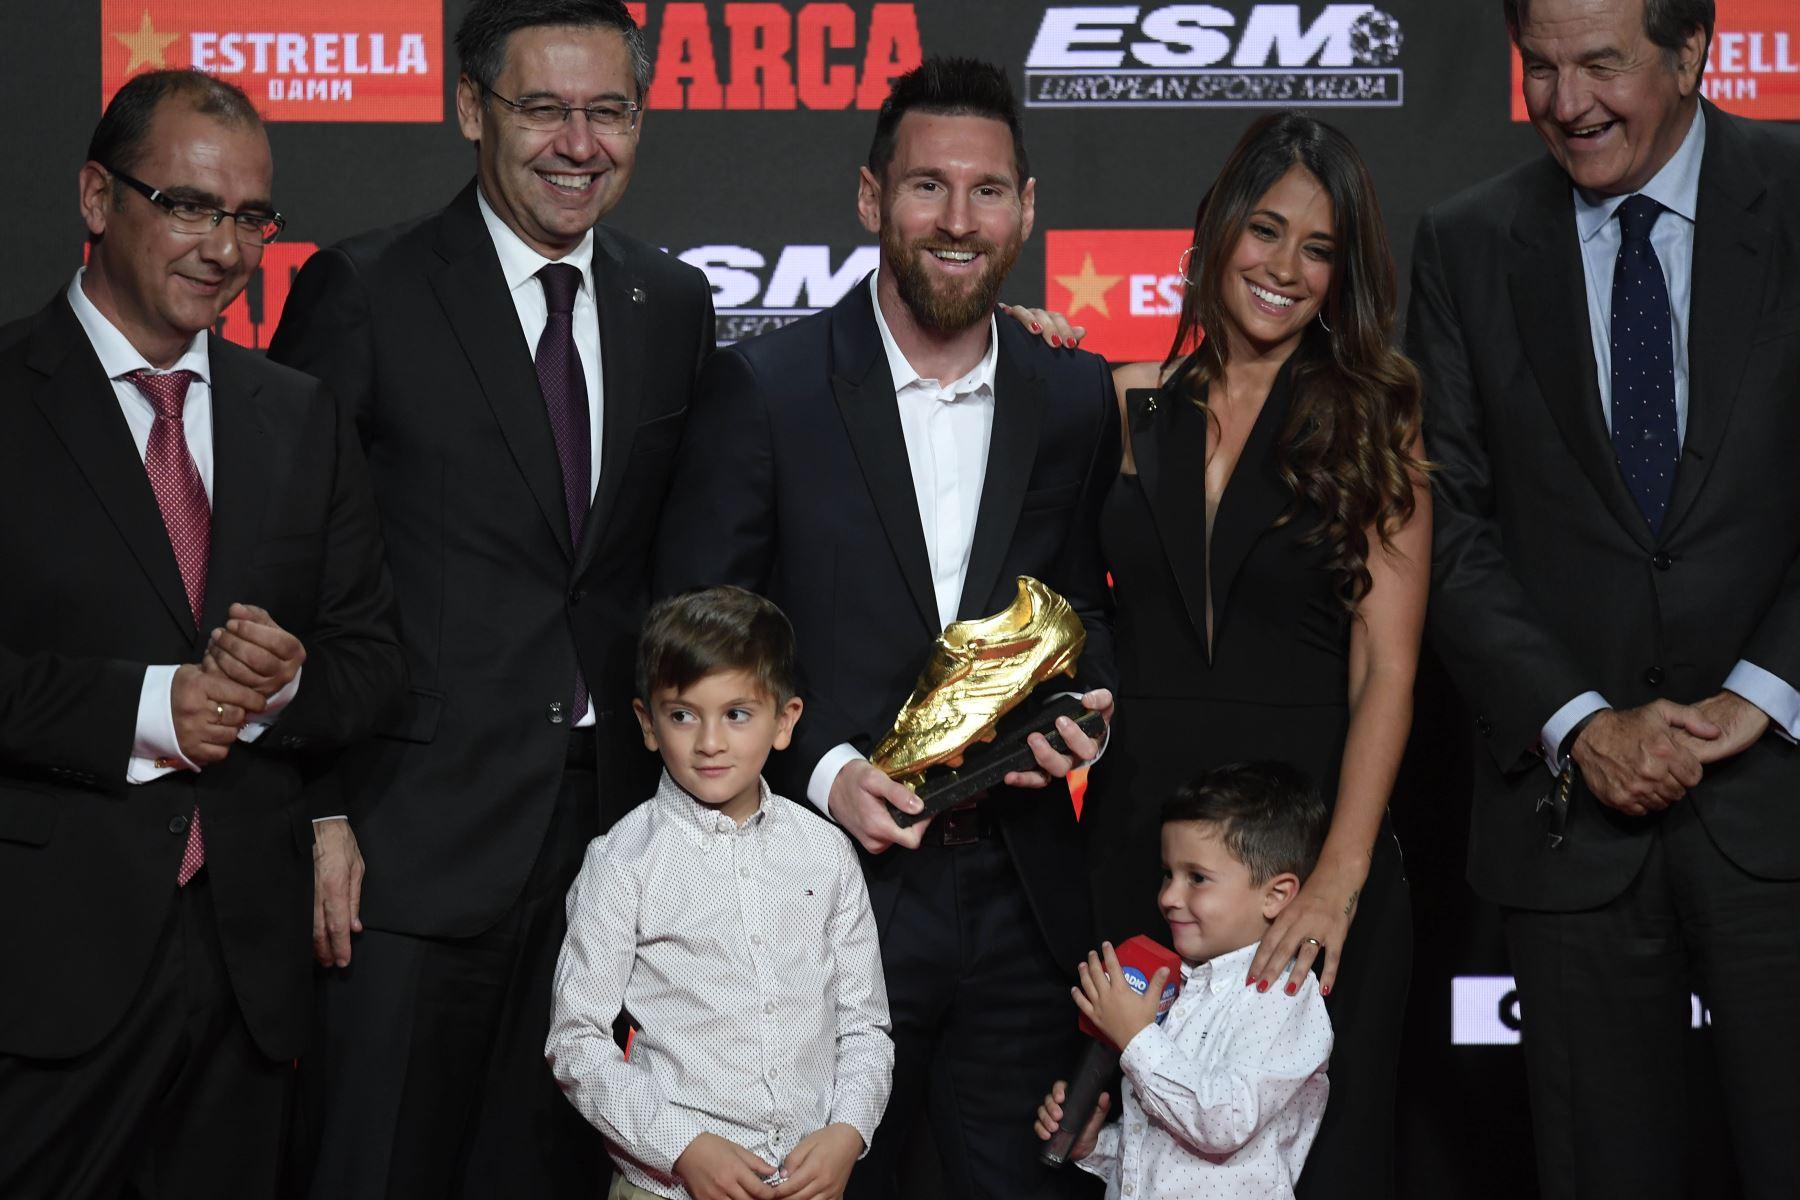 El delantero del FC Barcelona Lionel Messi posa junto a su esposa Antonella Roccuzzo y dos de sus hijos, tras recibir la Bota de Oro que le acredita como el máximo goleador. Foto: AFP